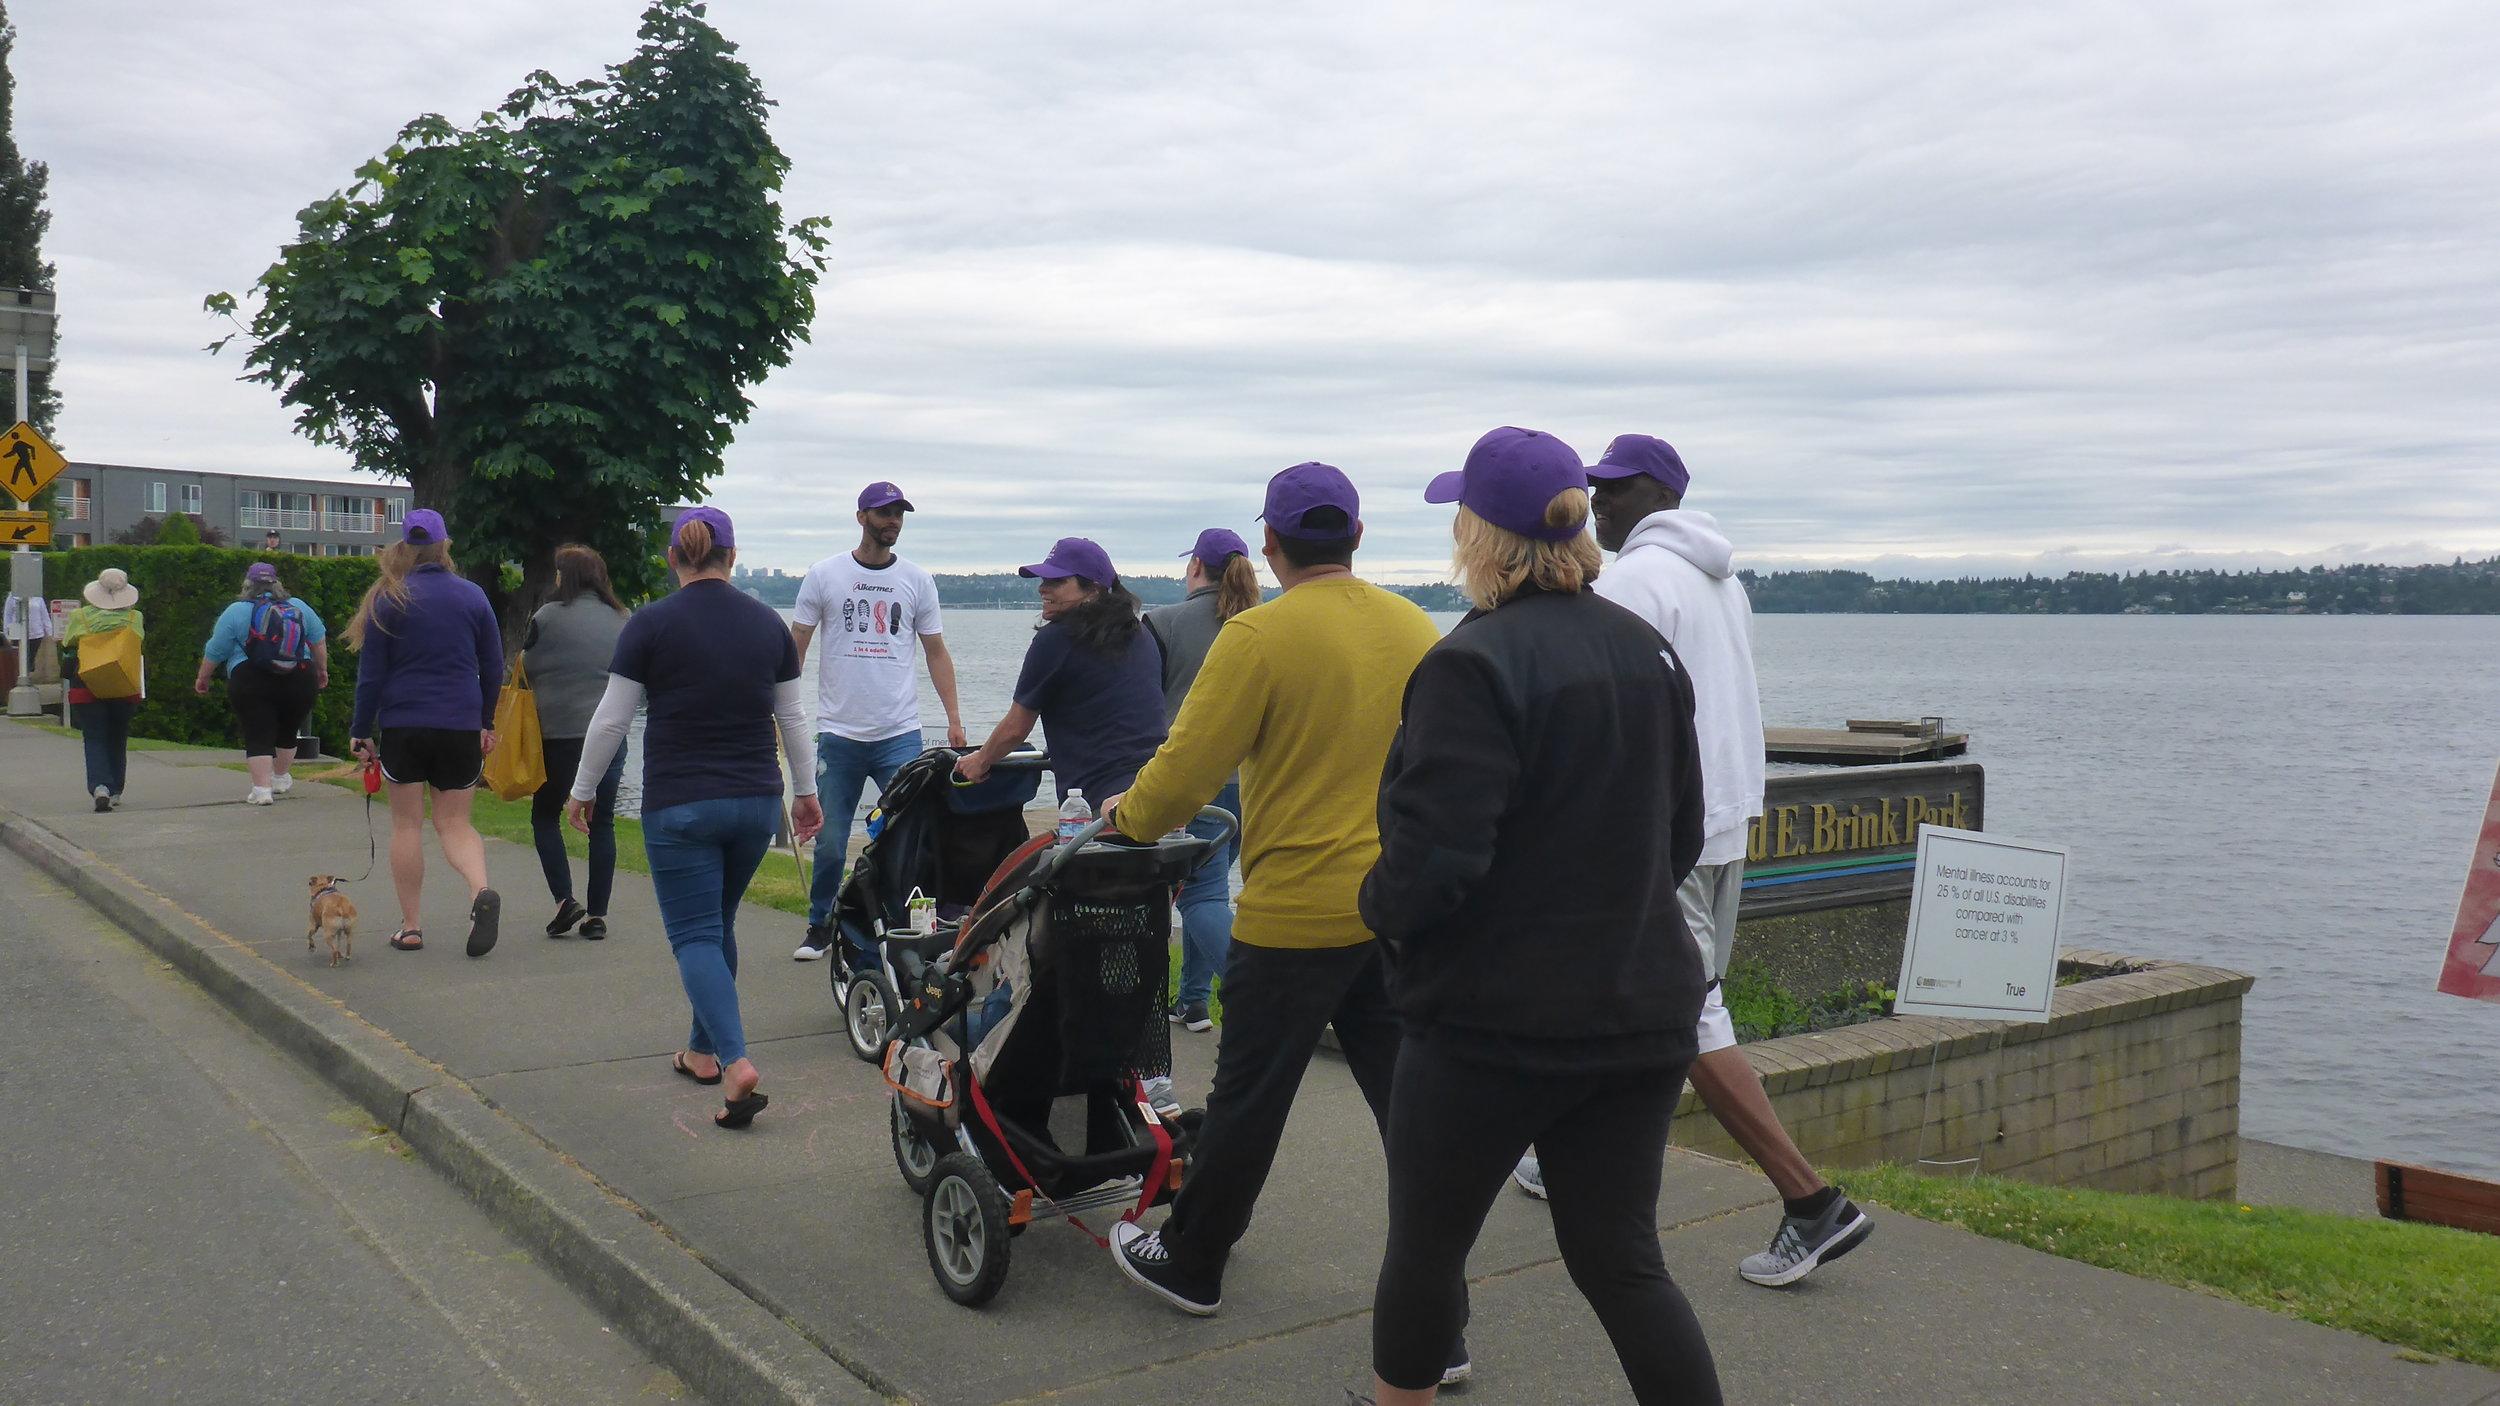 13 Purple hats walking.JPG